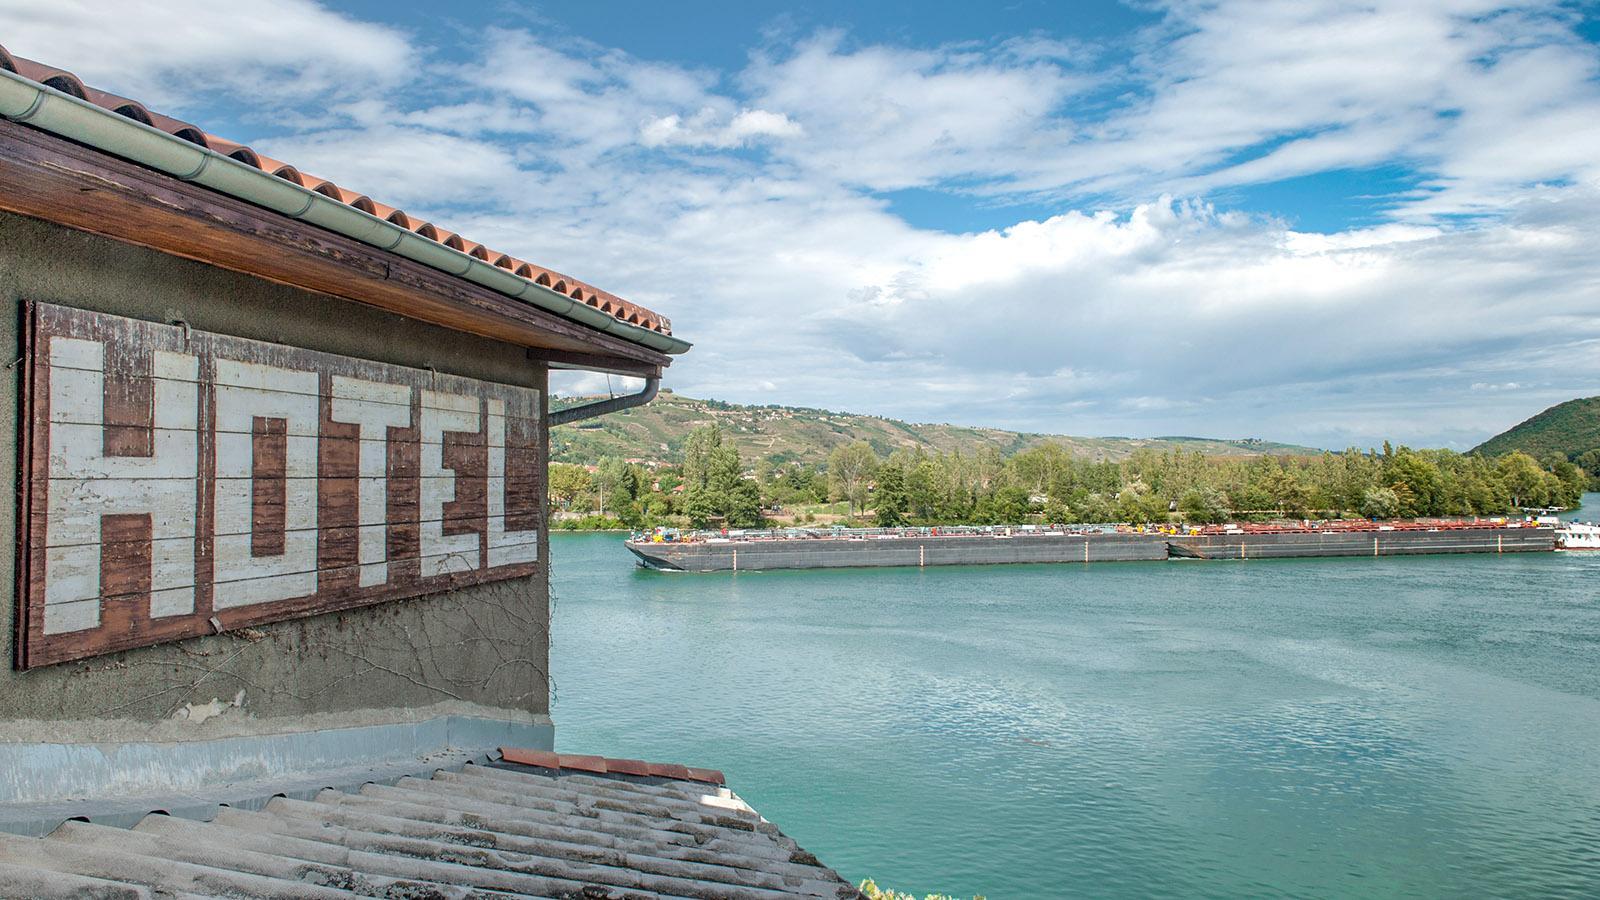 Vom Hôtel Bellevue blickt ihr auf die Rhône und einen kleinen Sportboothafen, Foto: Hilke Maunder